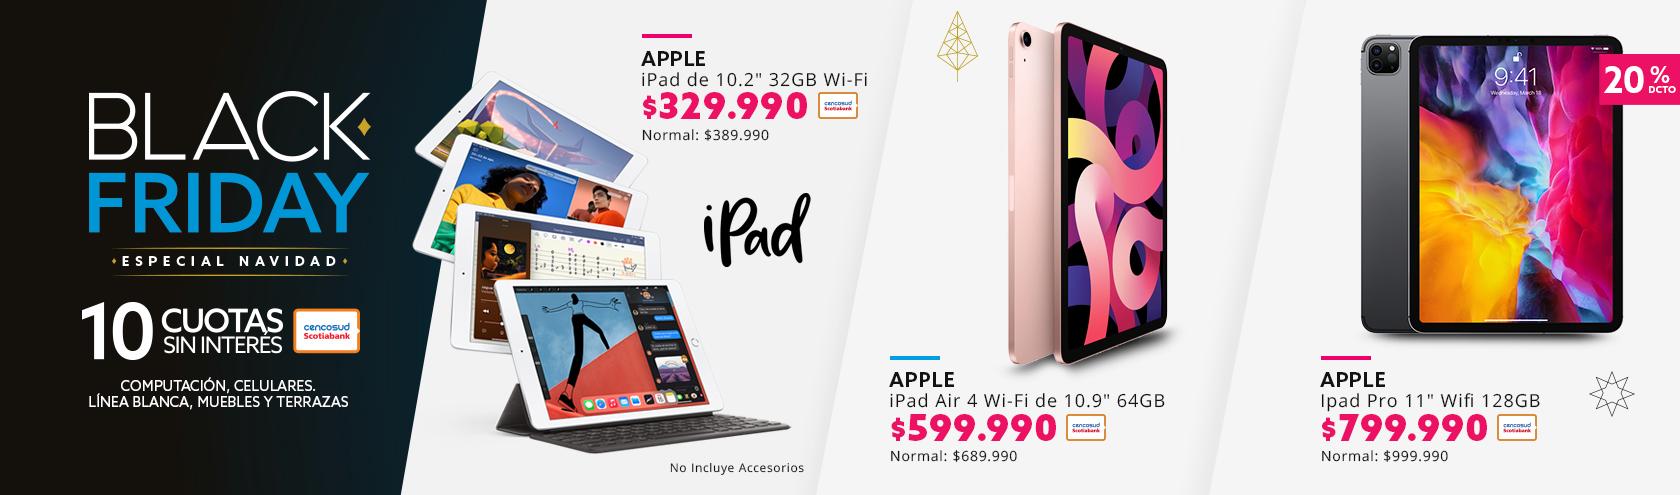 Descuentos en ipad apple